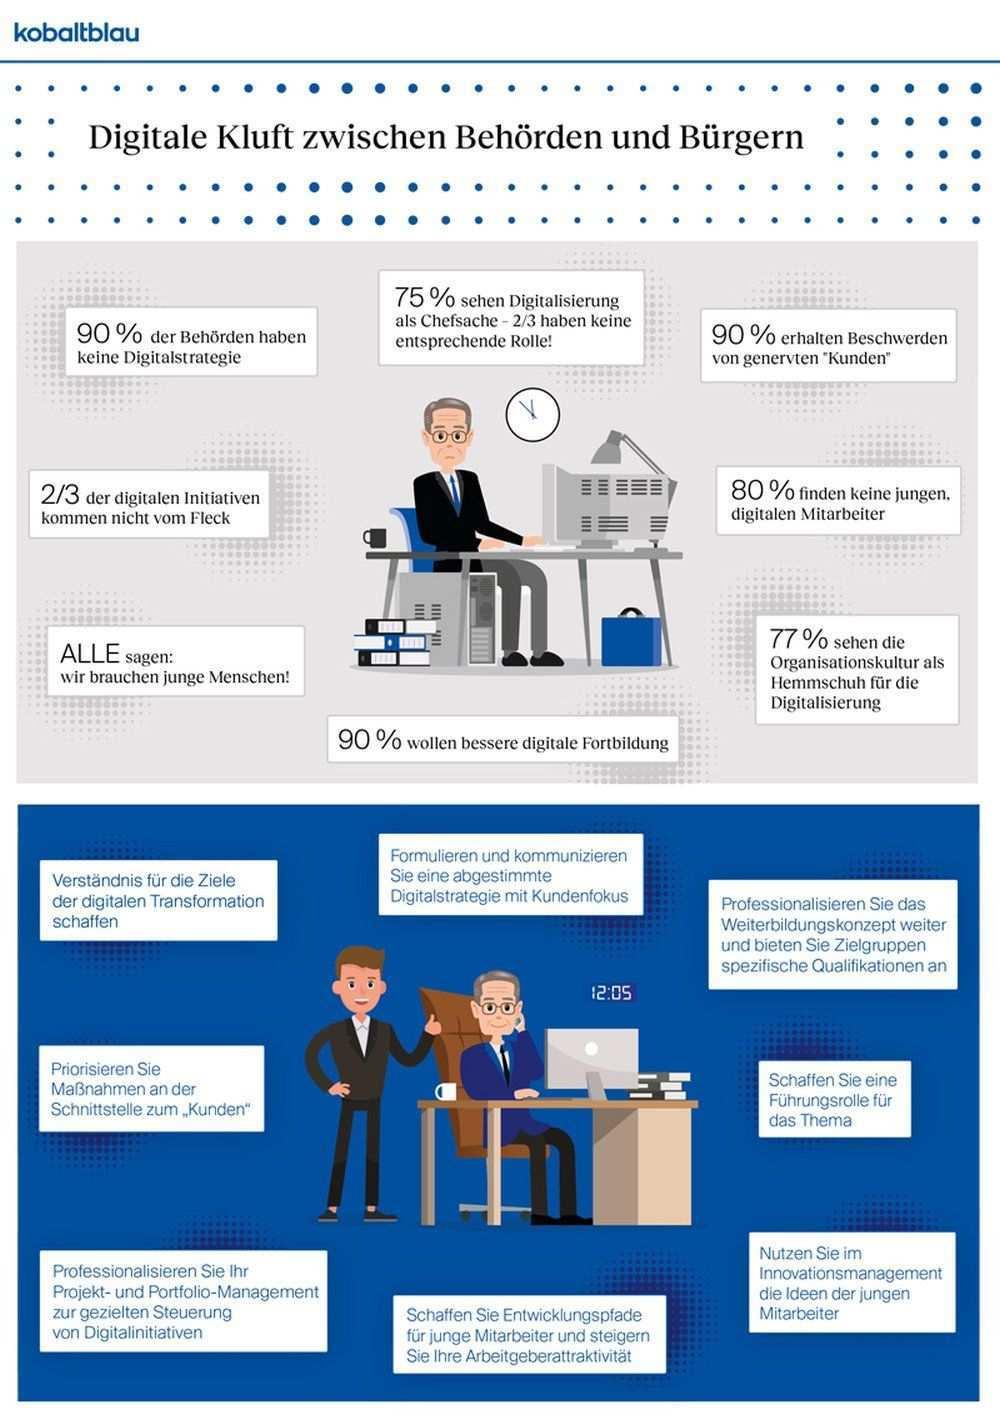 Digitalisierung Neun Von Zehn Behorden In Deutschland Ohne Digitale Strategie Kroker S Look It In 2020 Digitale Strategie Digitalisierung Offentliche Verwaltung